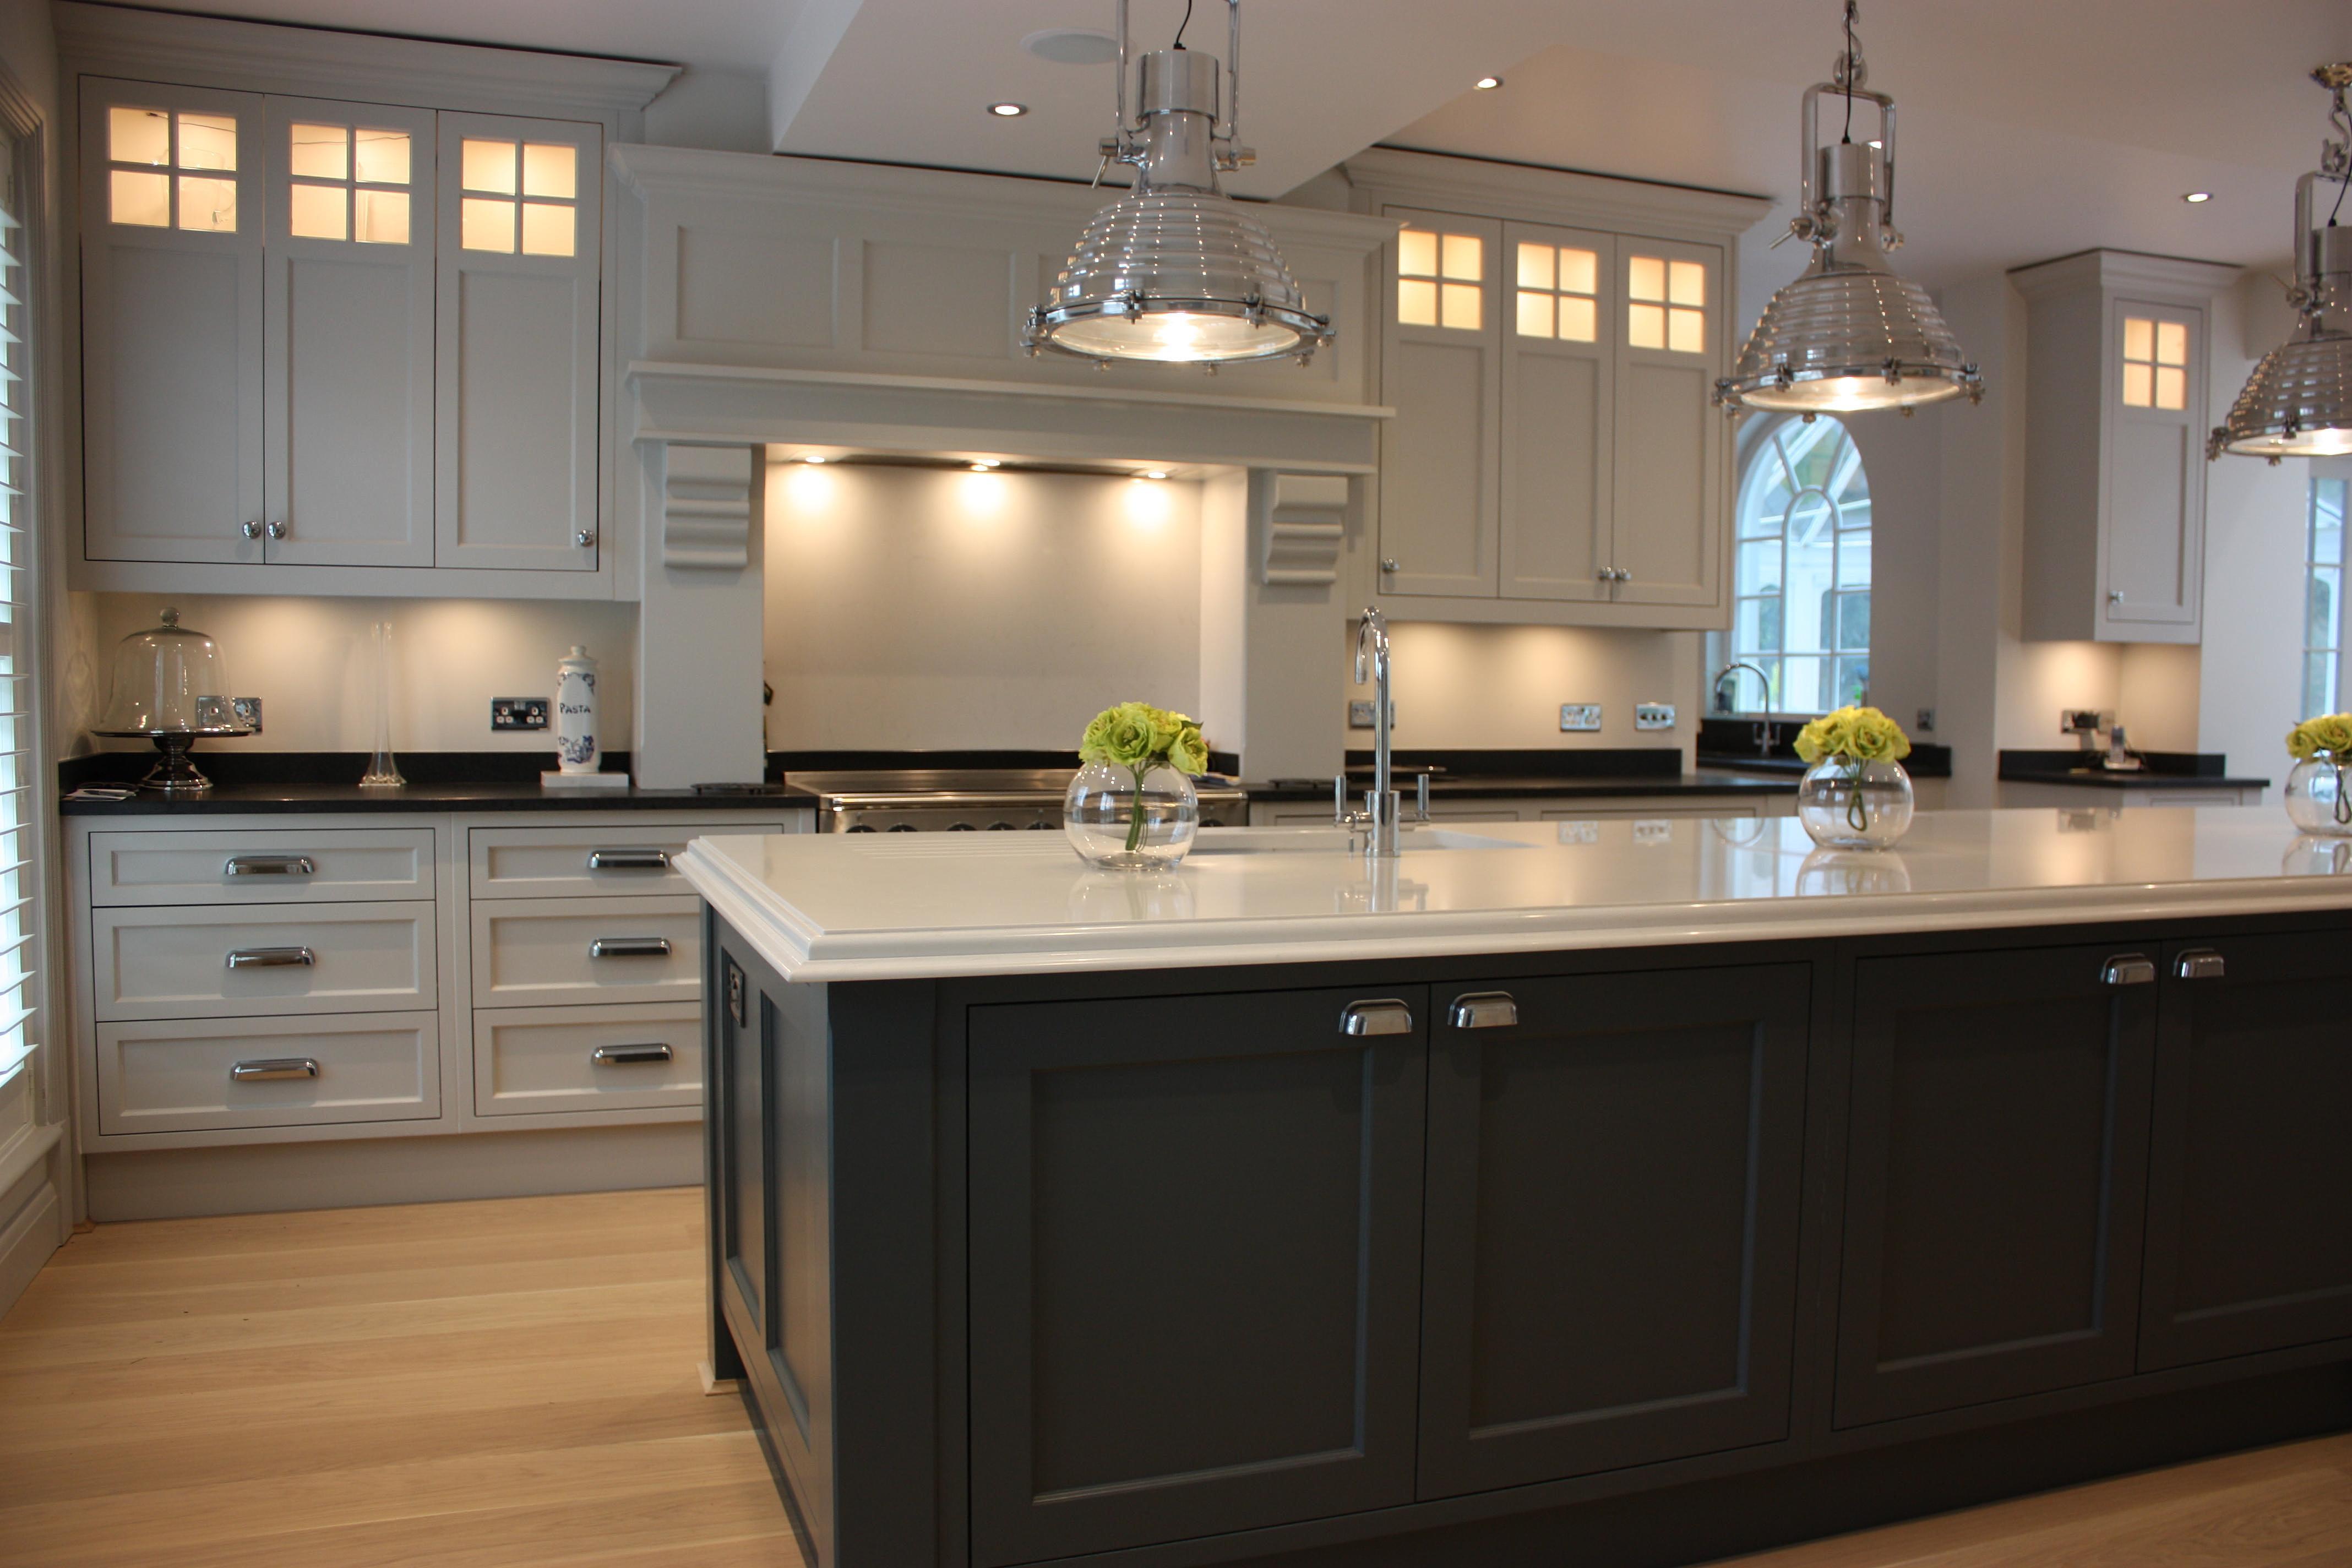 Tmb designs bespoke kitchens for Bespoke kitchen design